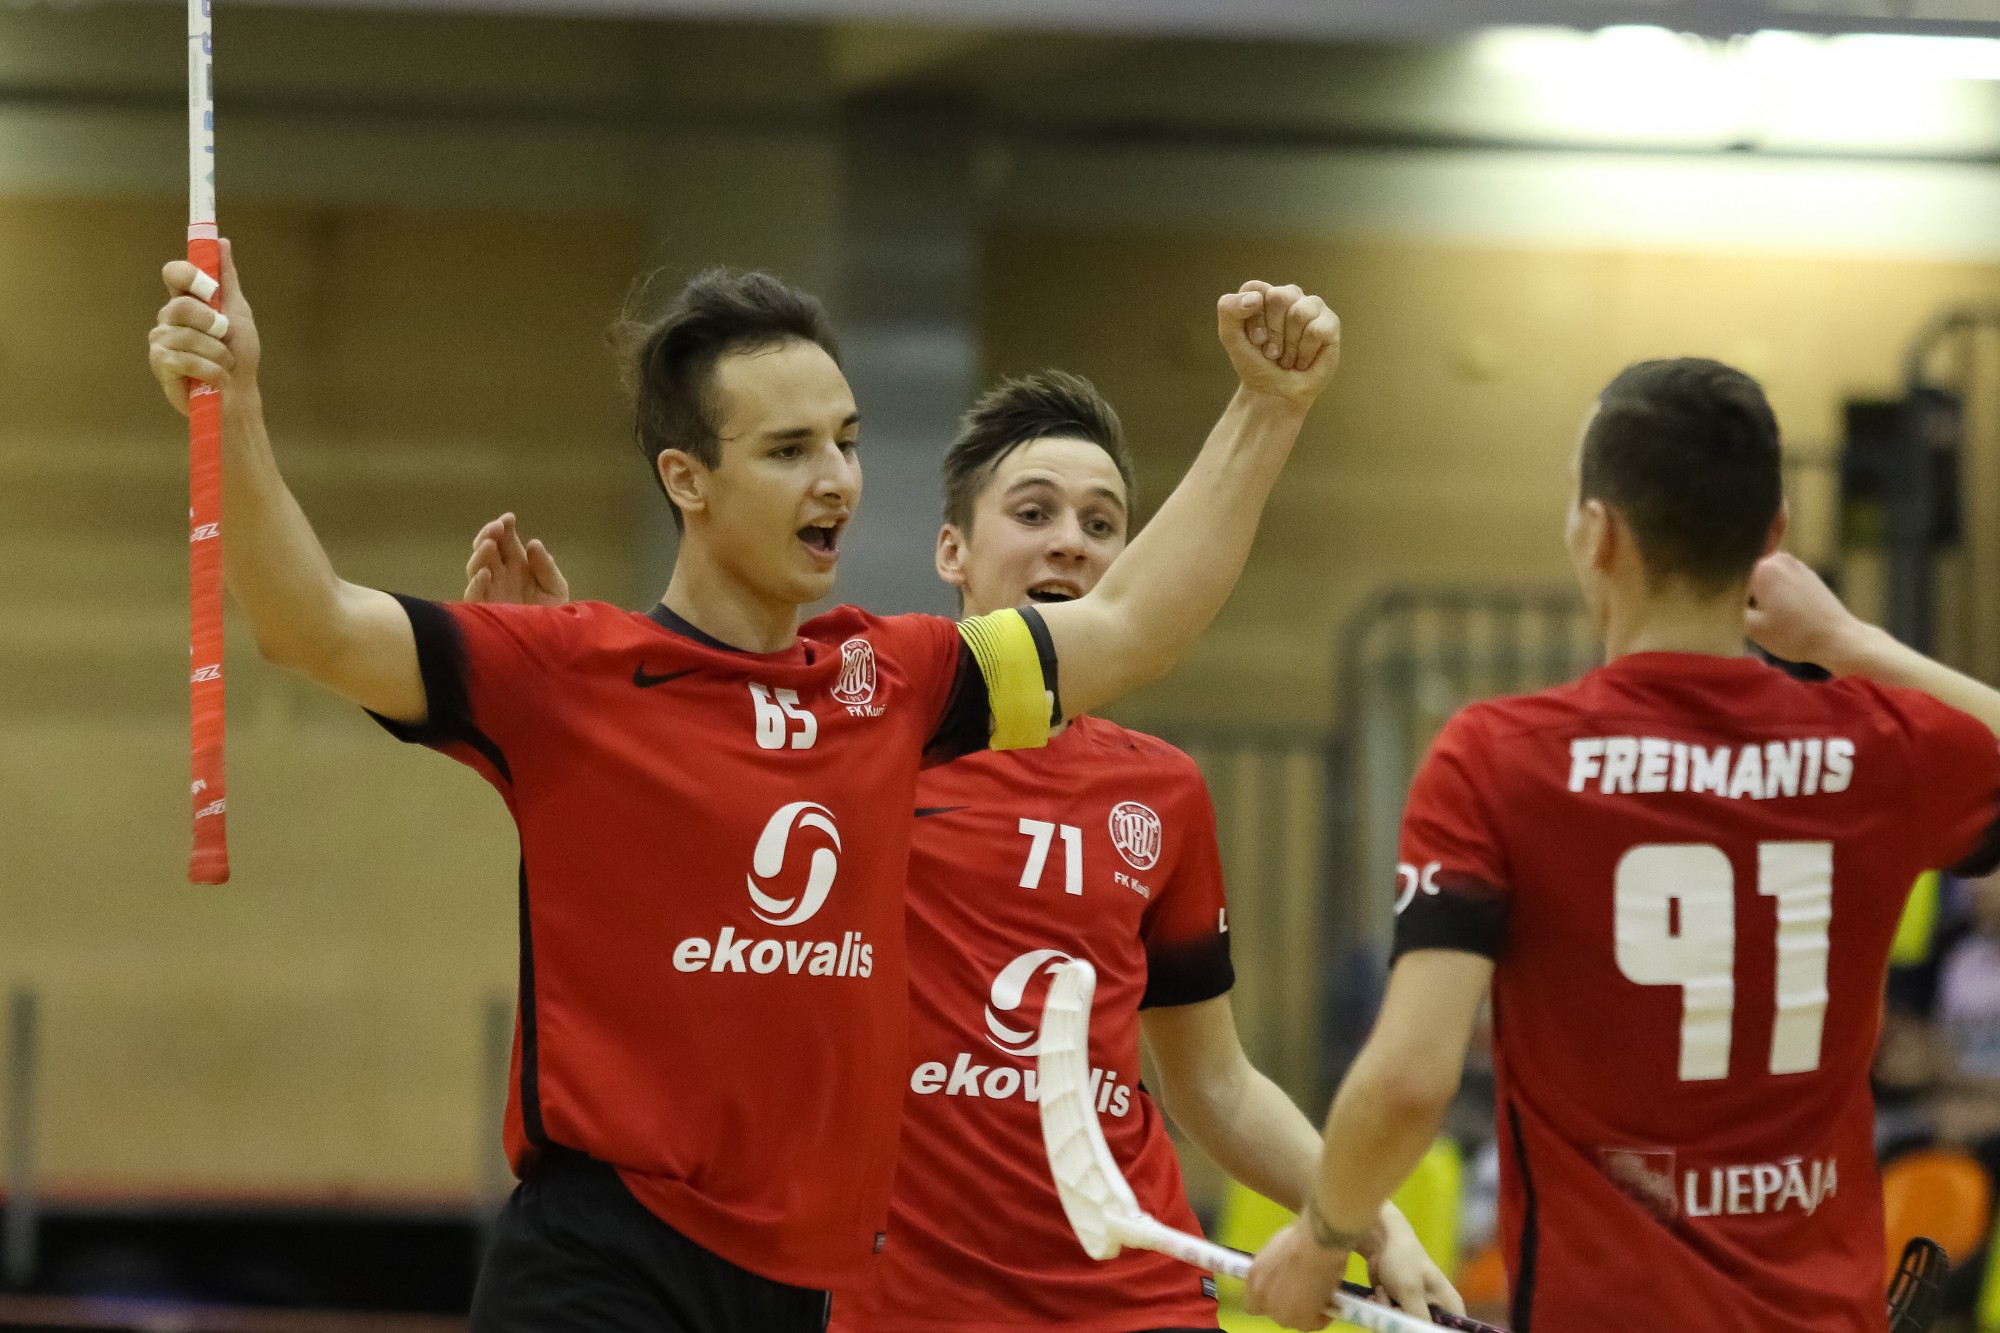 Флорболисты «Курши/Ekovalis» одержали первую победу в сезоне